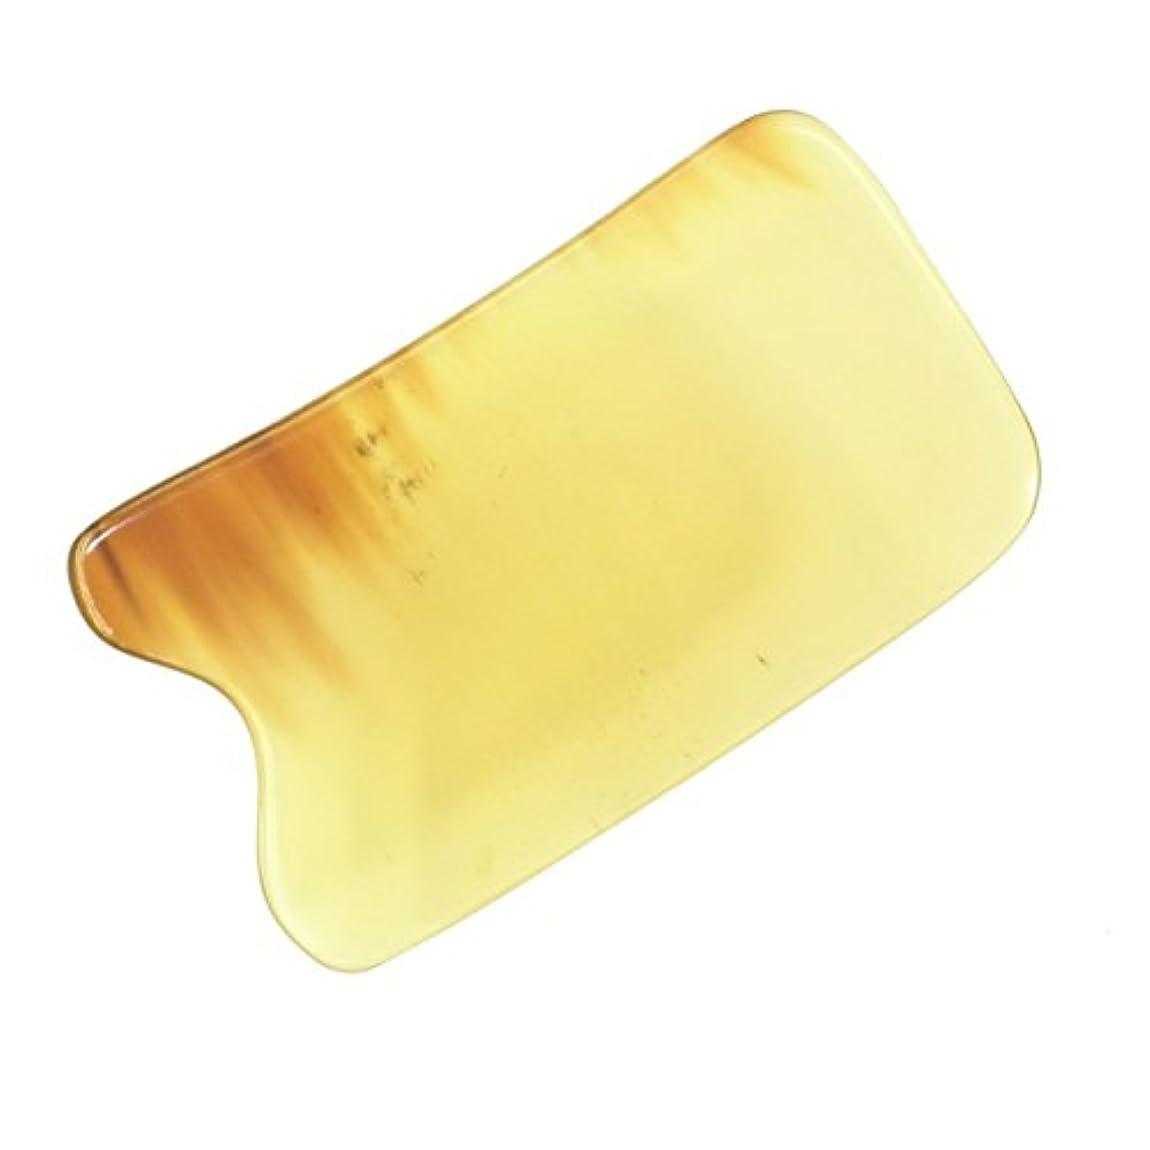 悔い改め好意的スイス人かっさ プレート 厚さが選べる 水牛の角(黄水牛角) EHE219 四角凹 一般品 標準 (5ミリ程度)